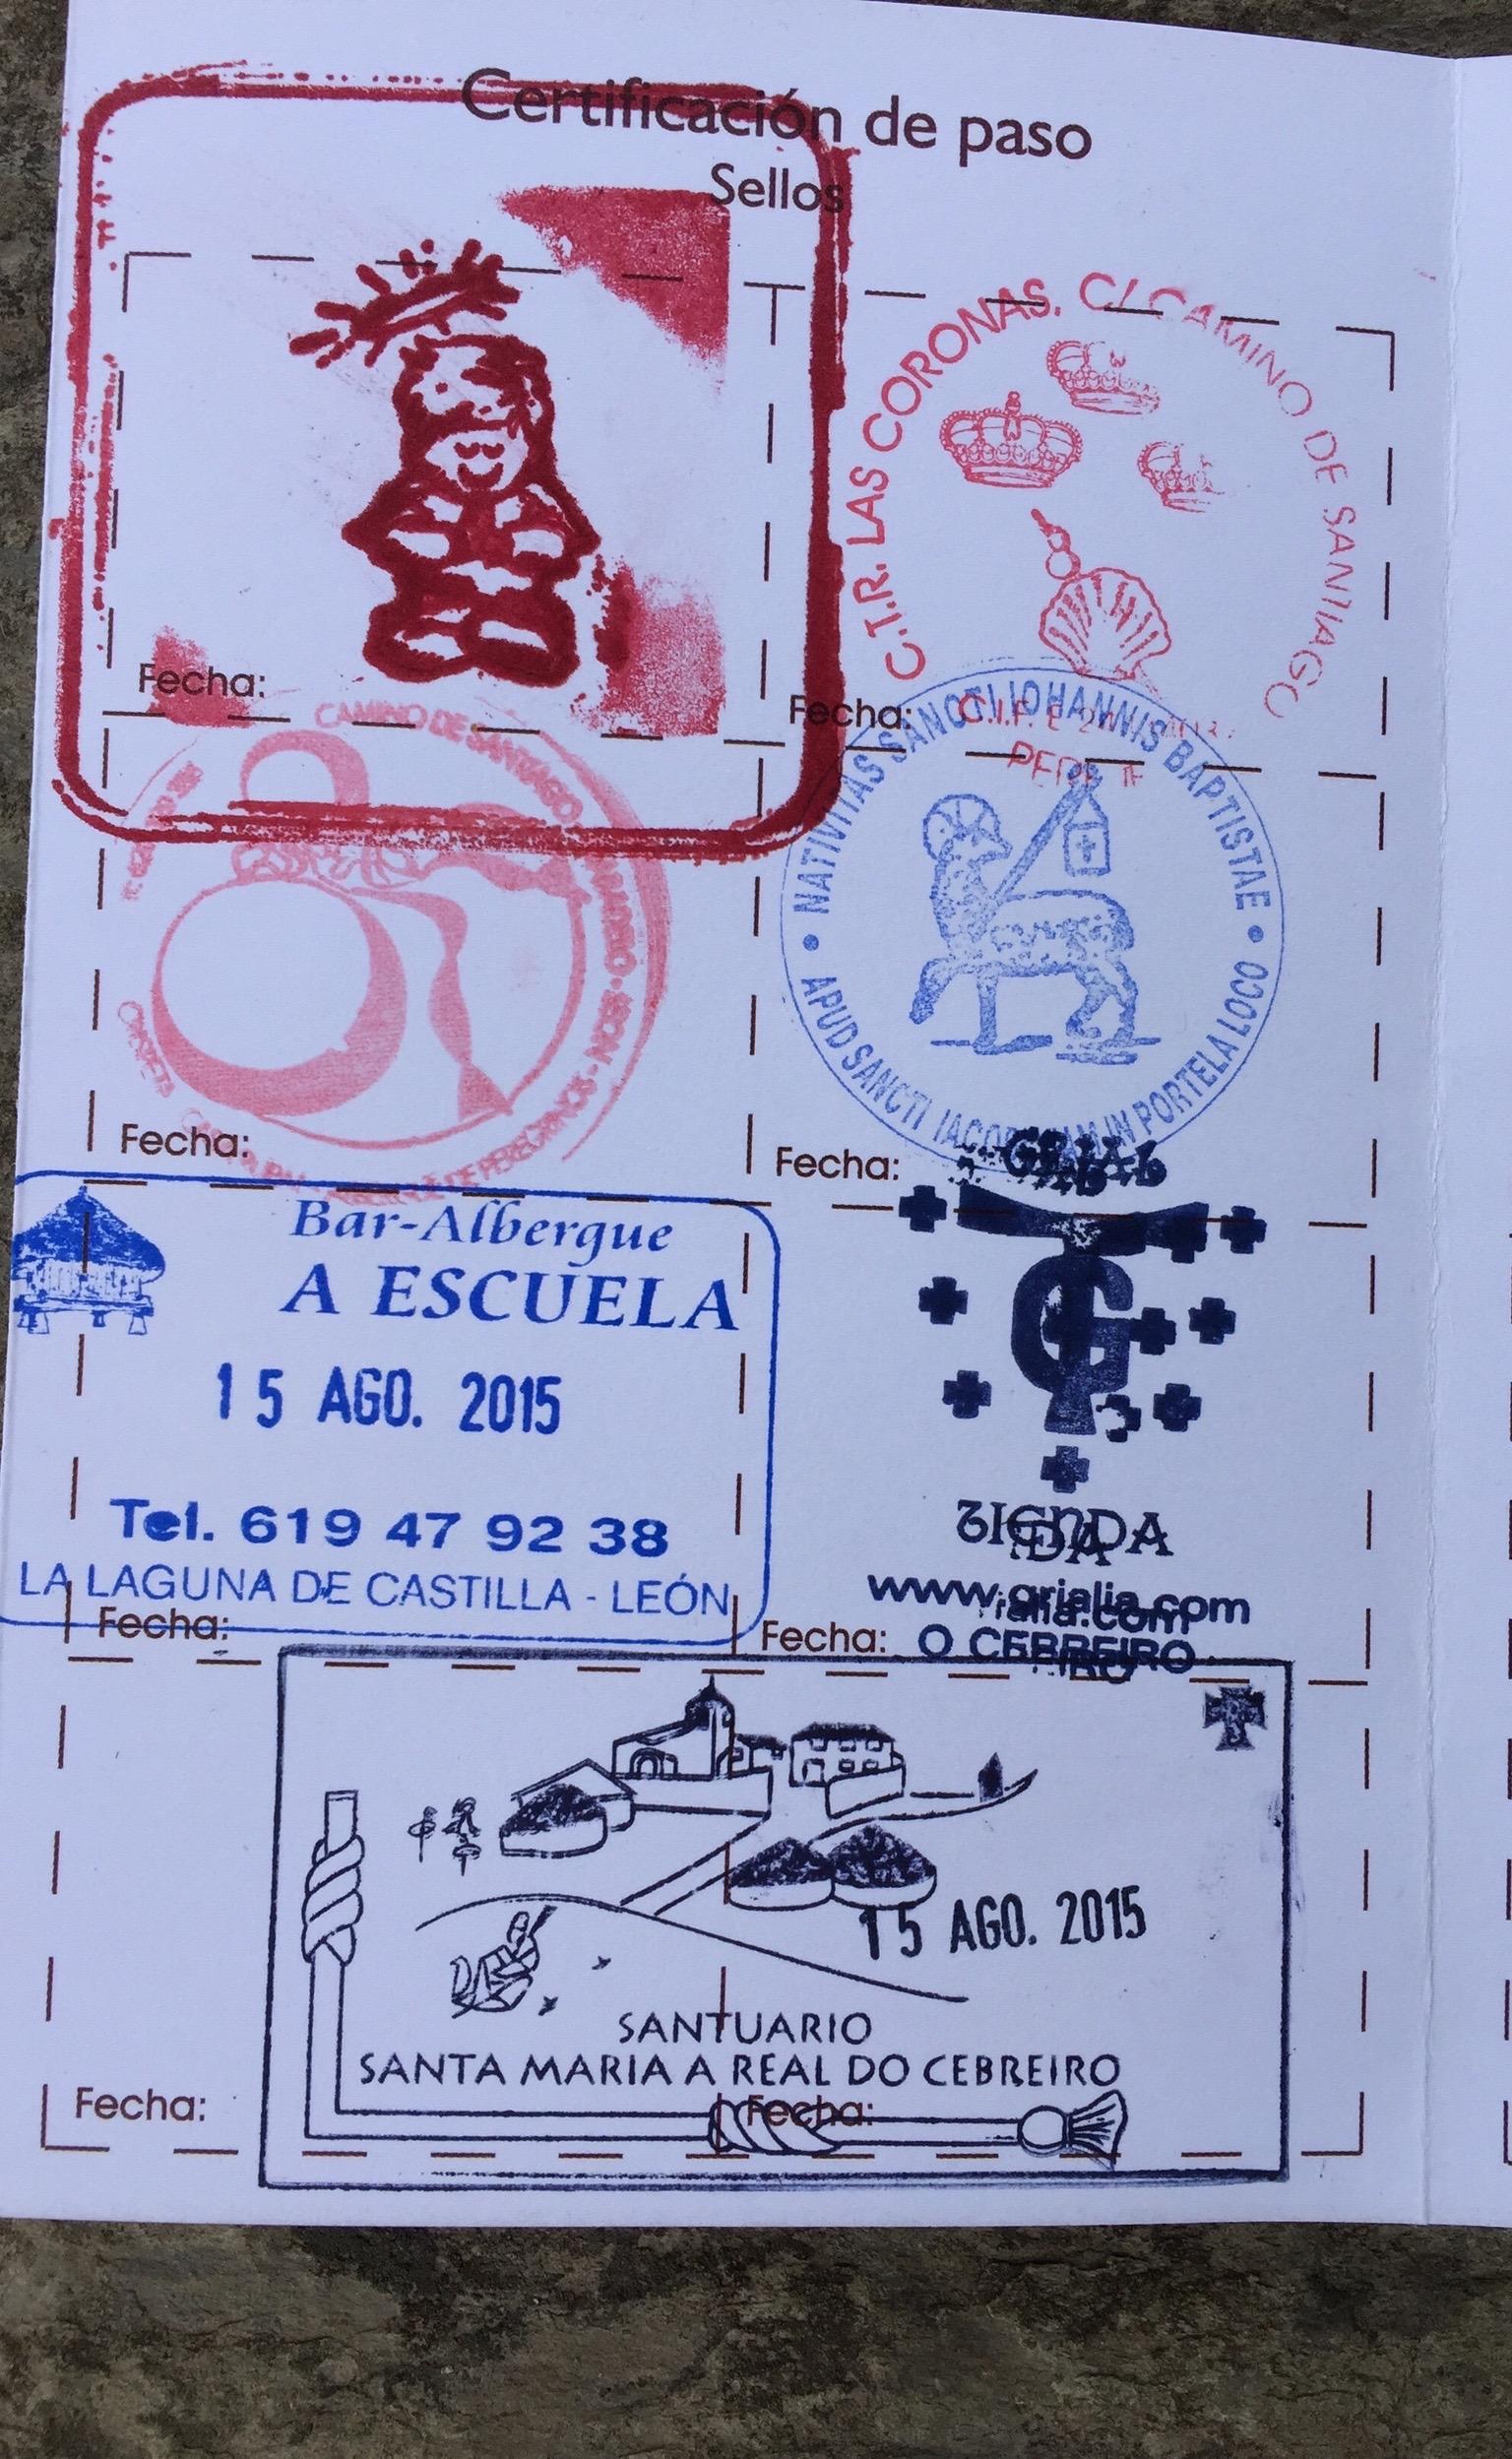 Ashram-Camino-Passport.jpg